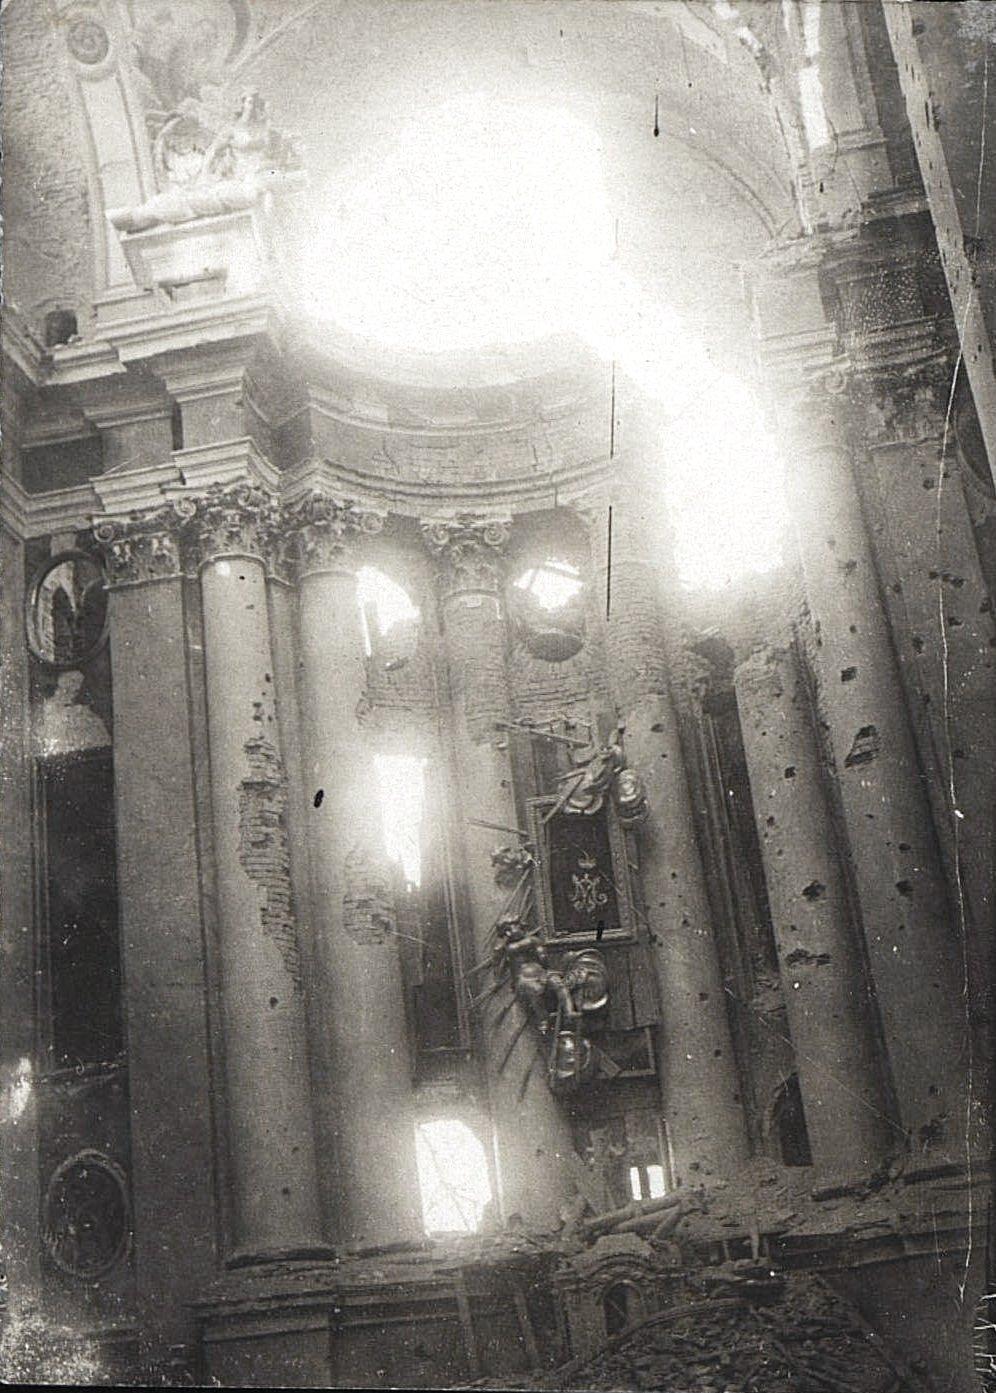 1914. Костёл, разрушенный немцами в начале I Мировой войны.Ракитское  (5)